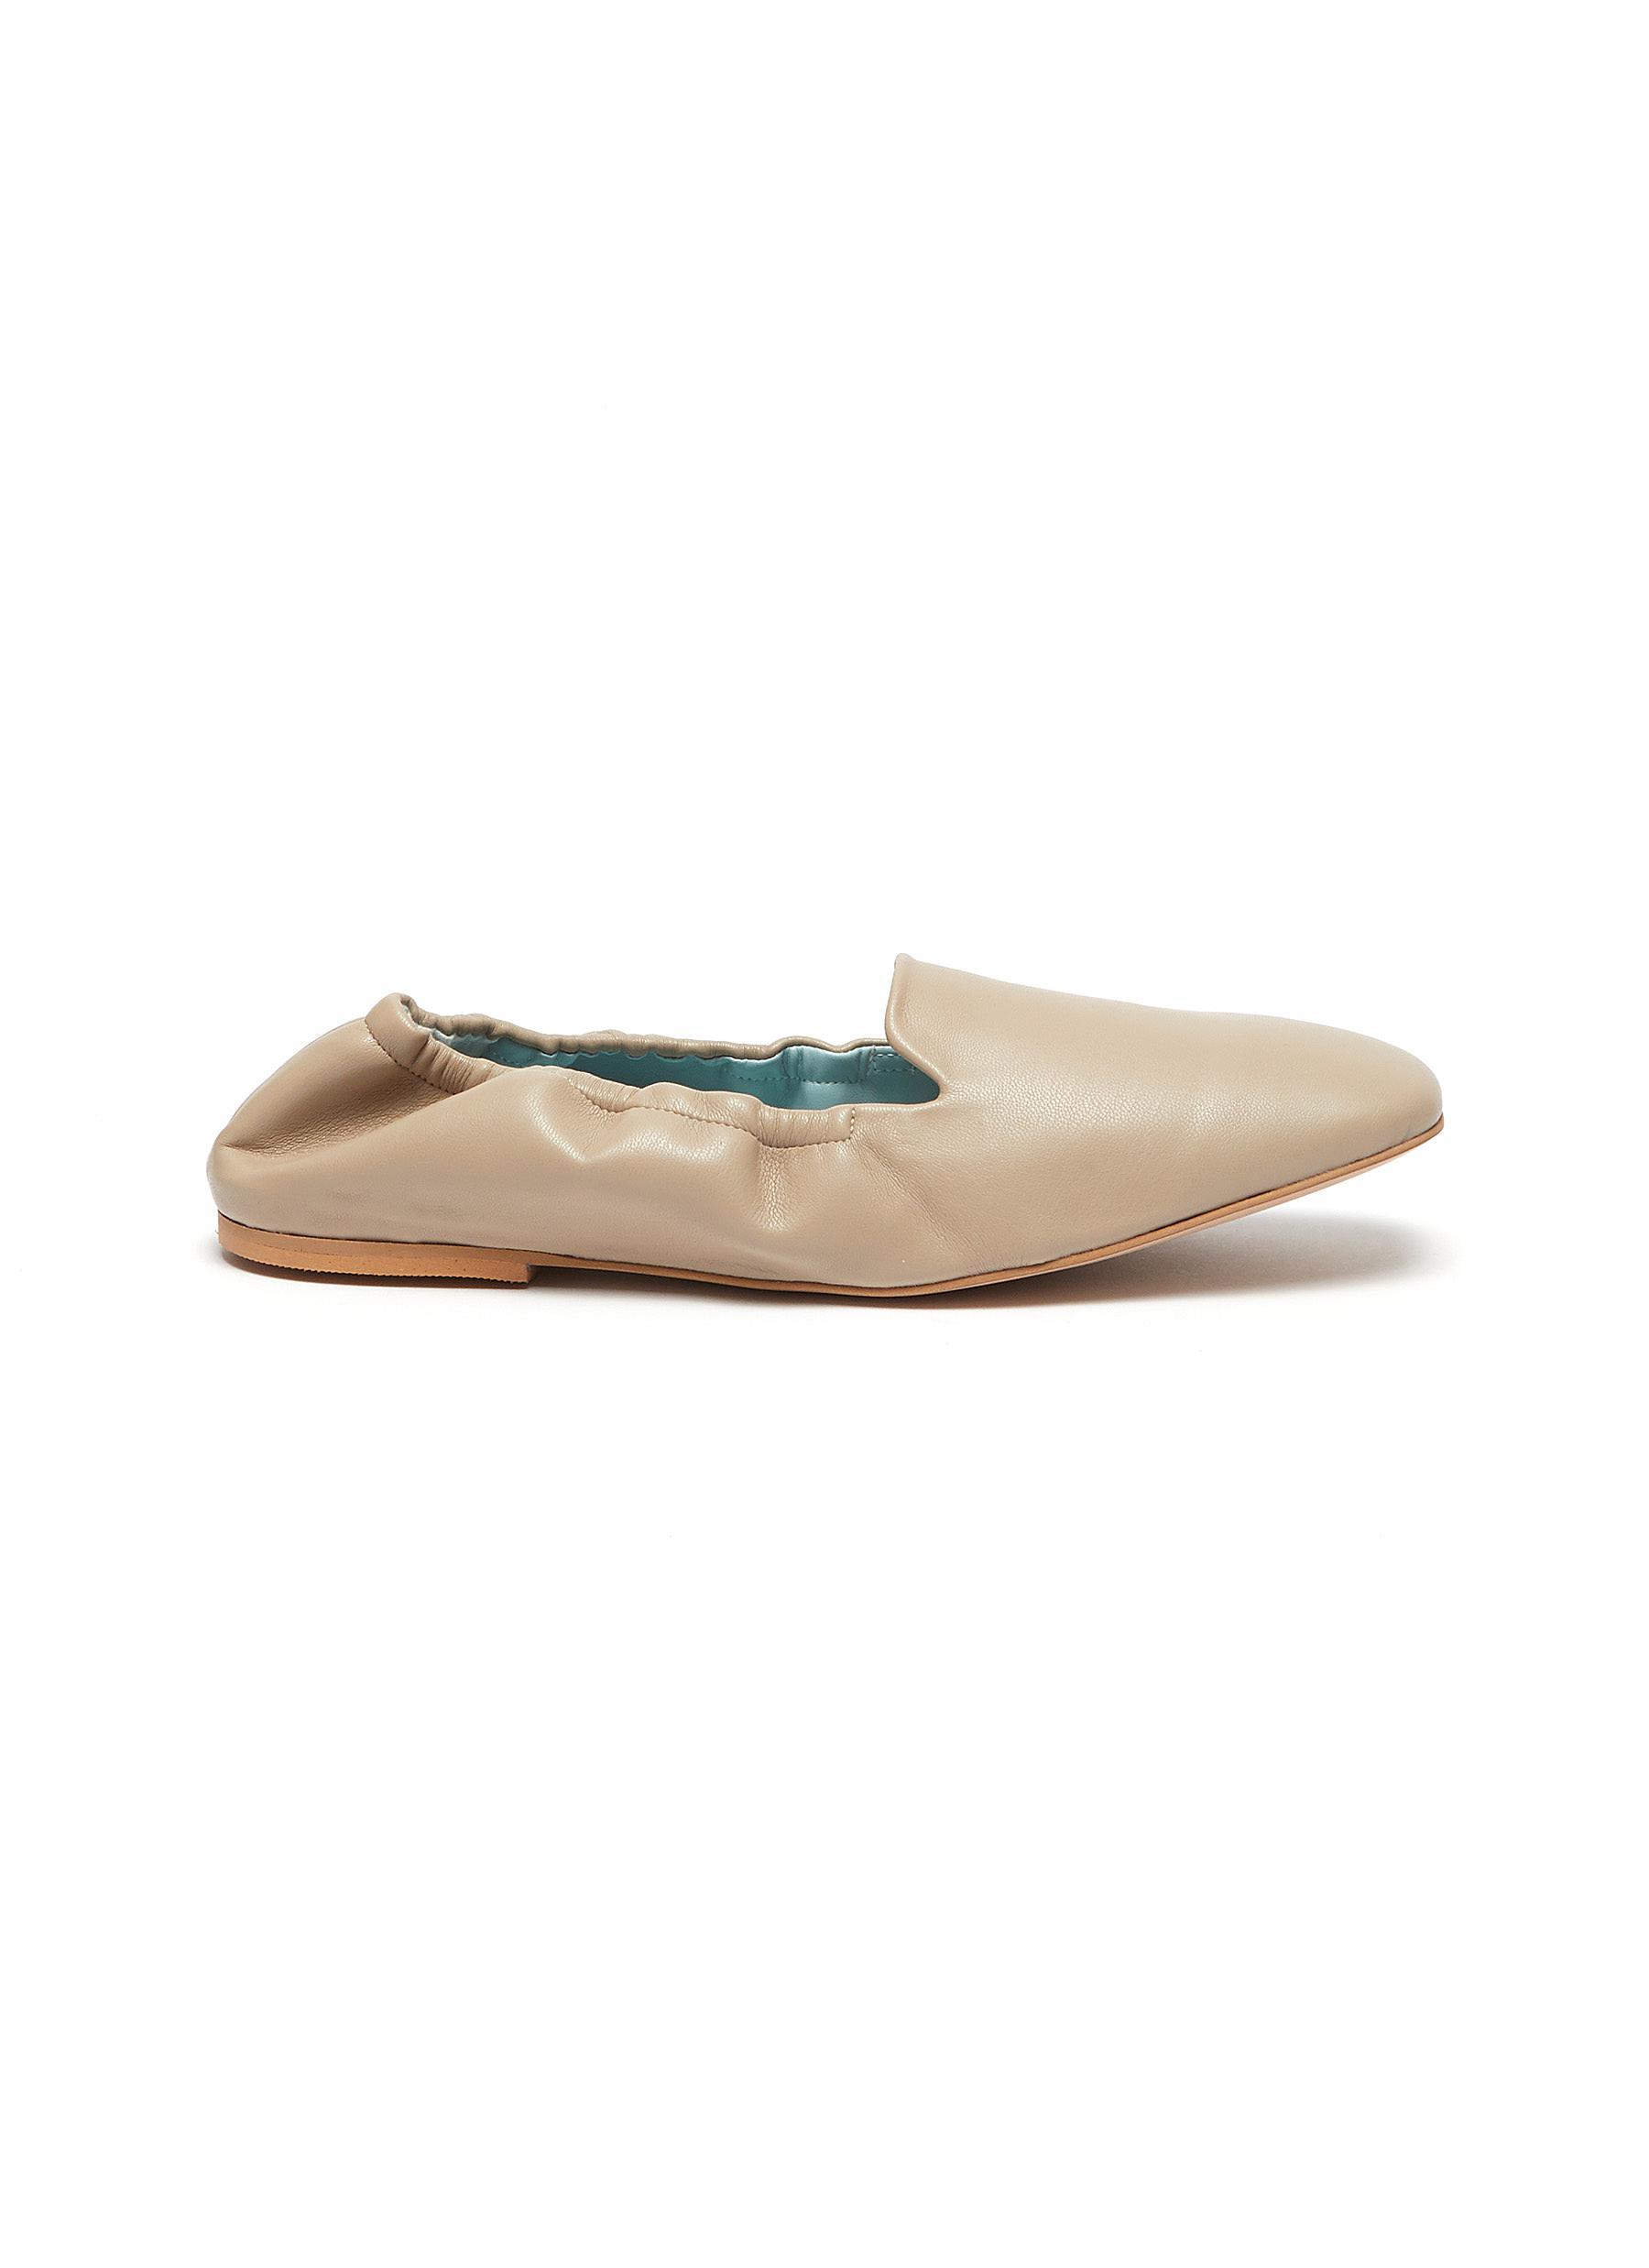 'Mina' Square Toe Vegan Leather Flats